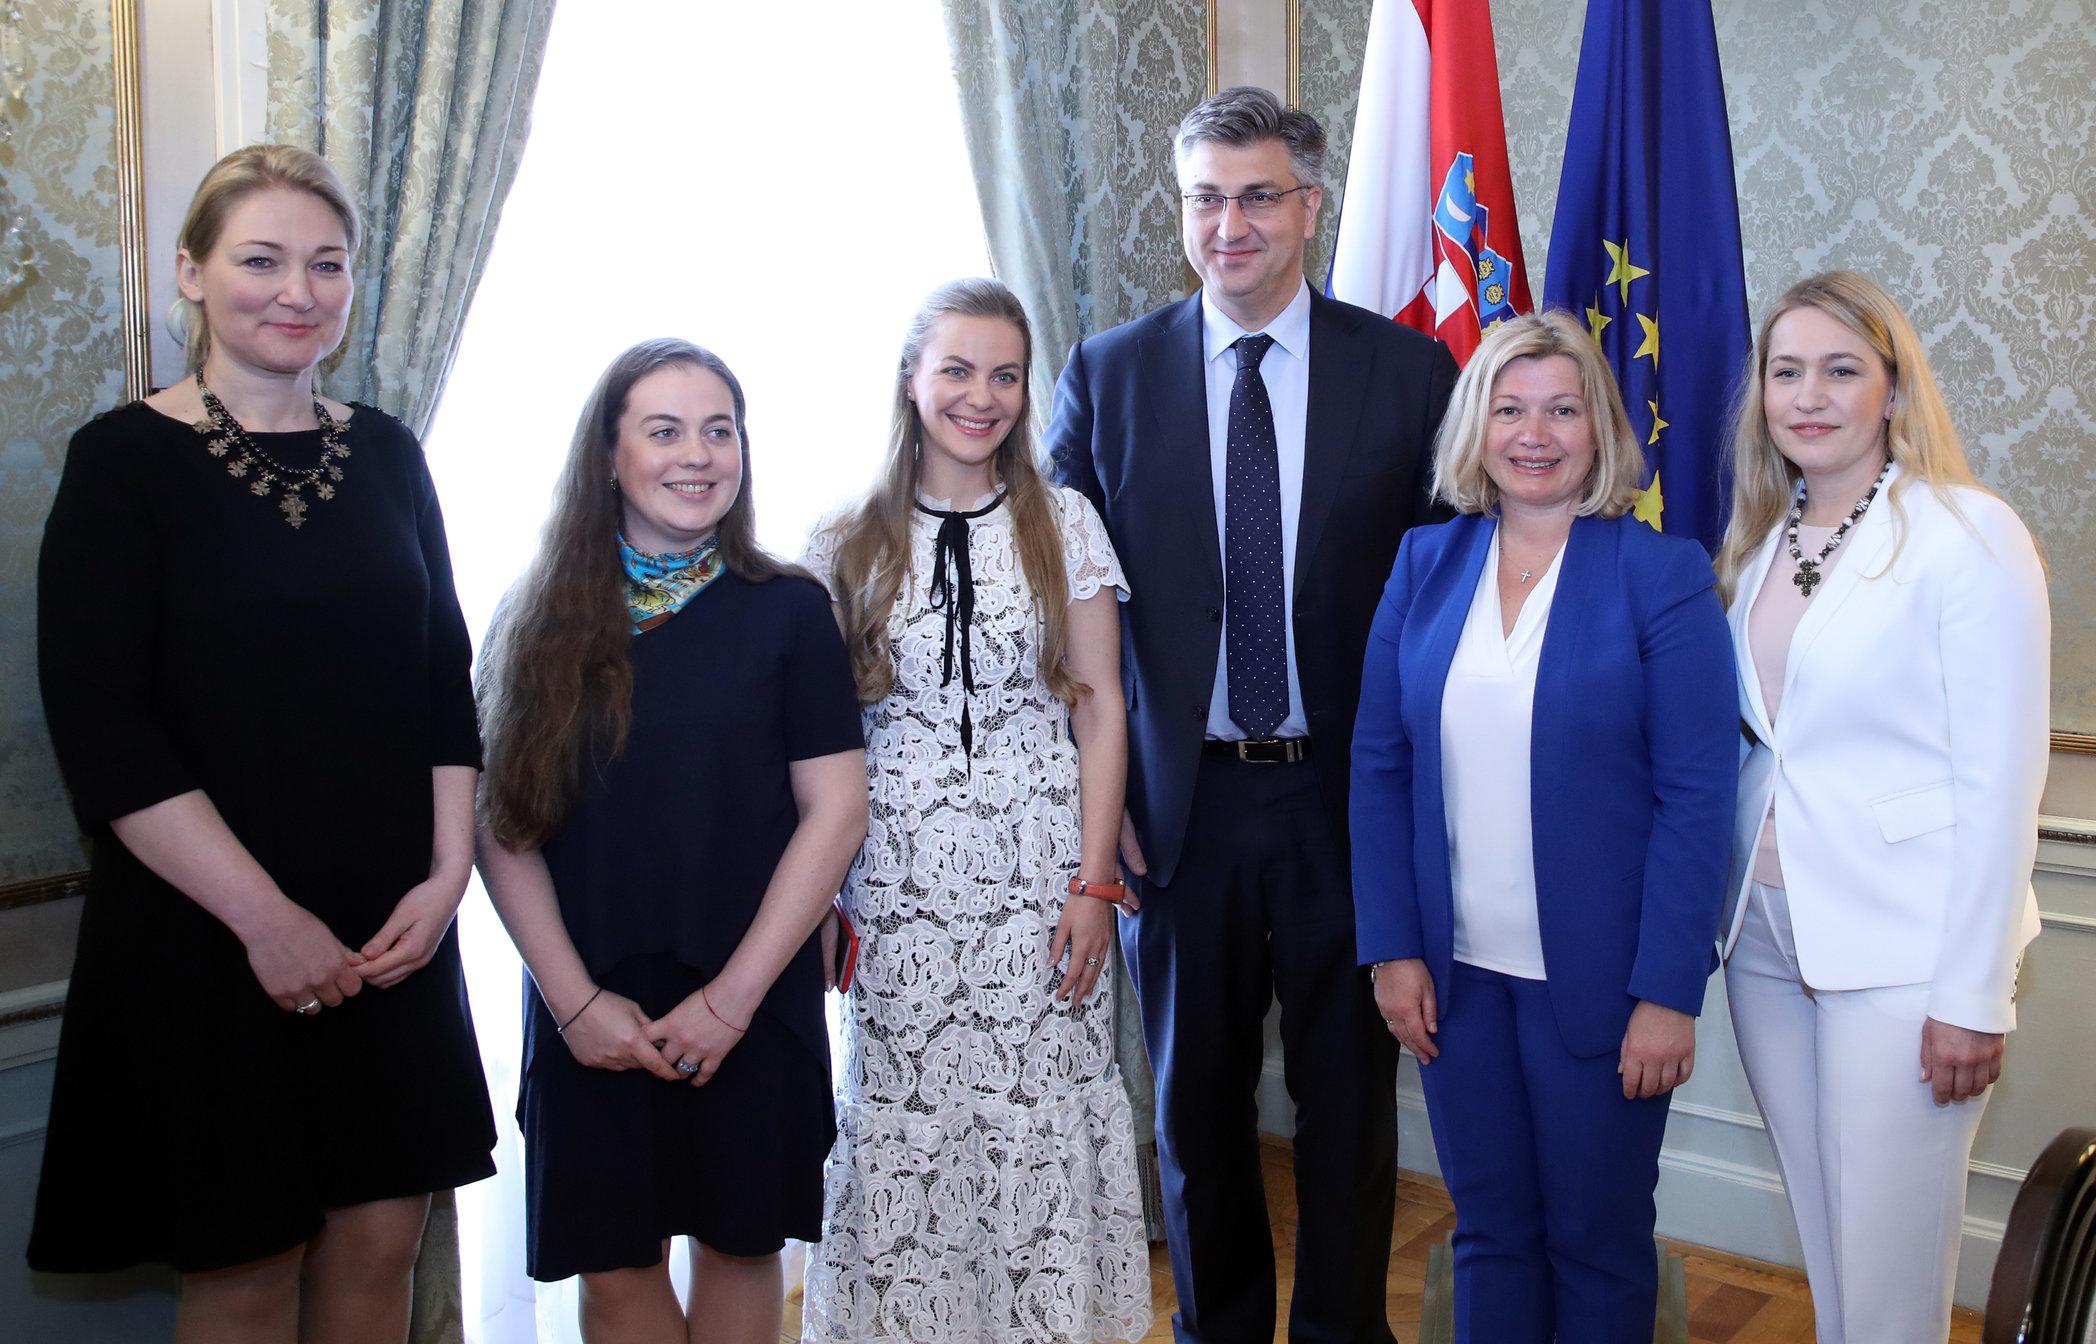 Plenković ukrajinskoj dužnosnici poručio da snažno podupire cjelovitost Ukrajine